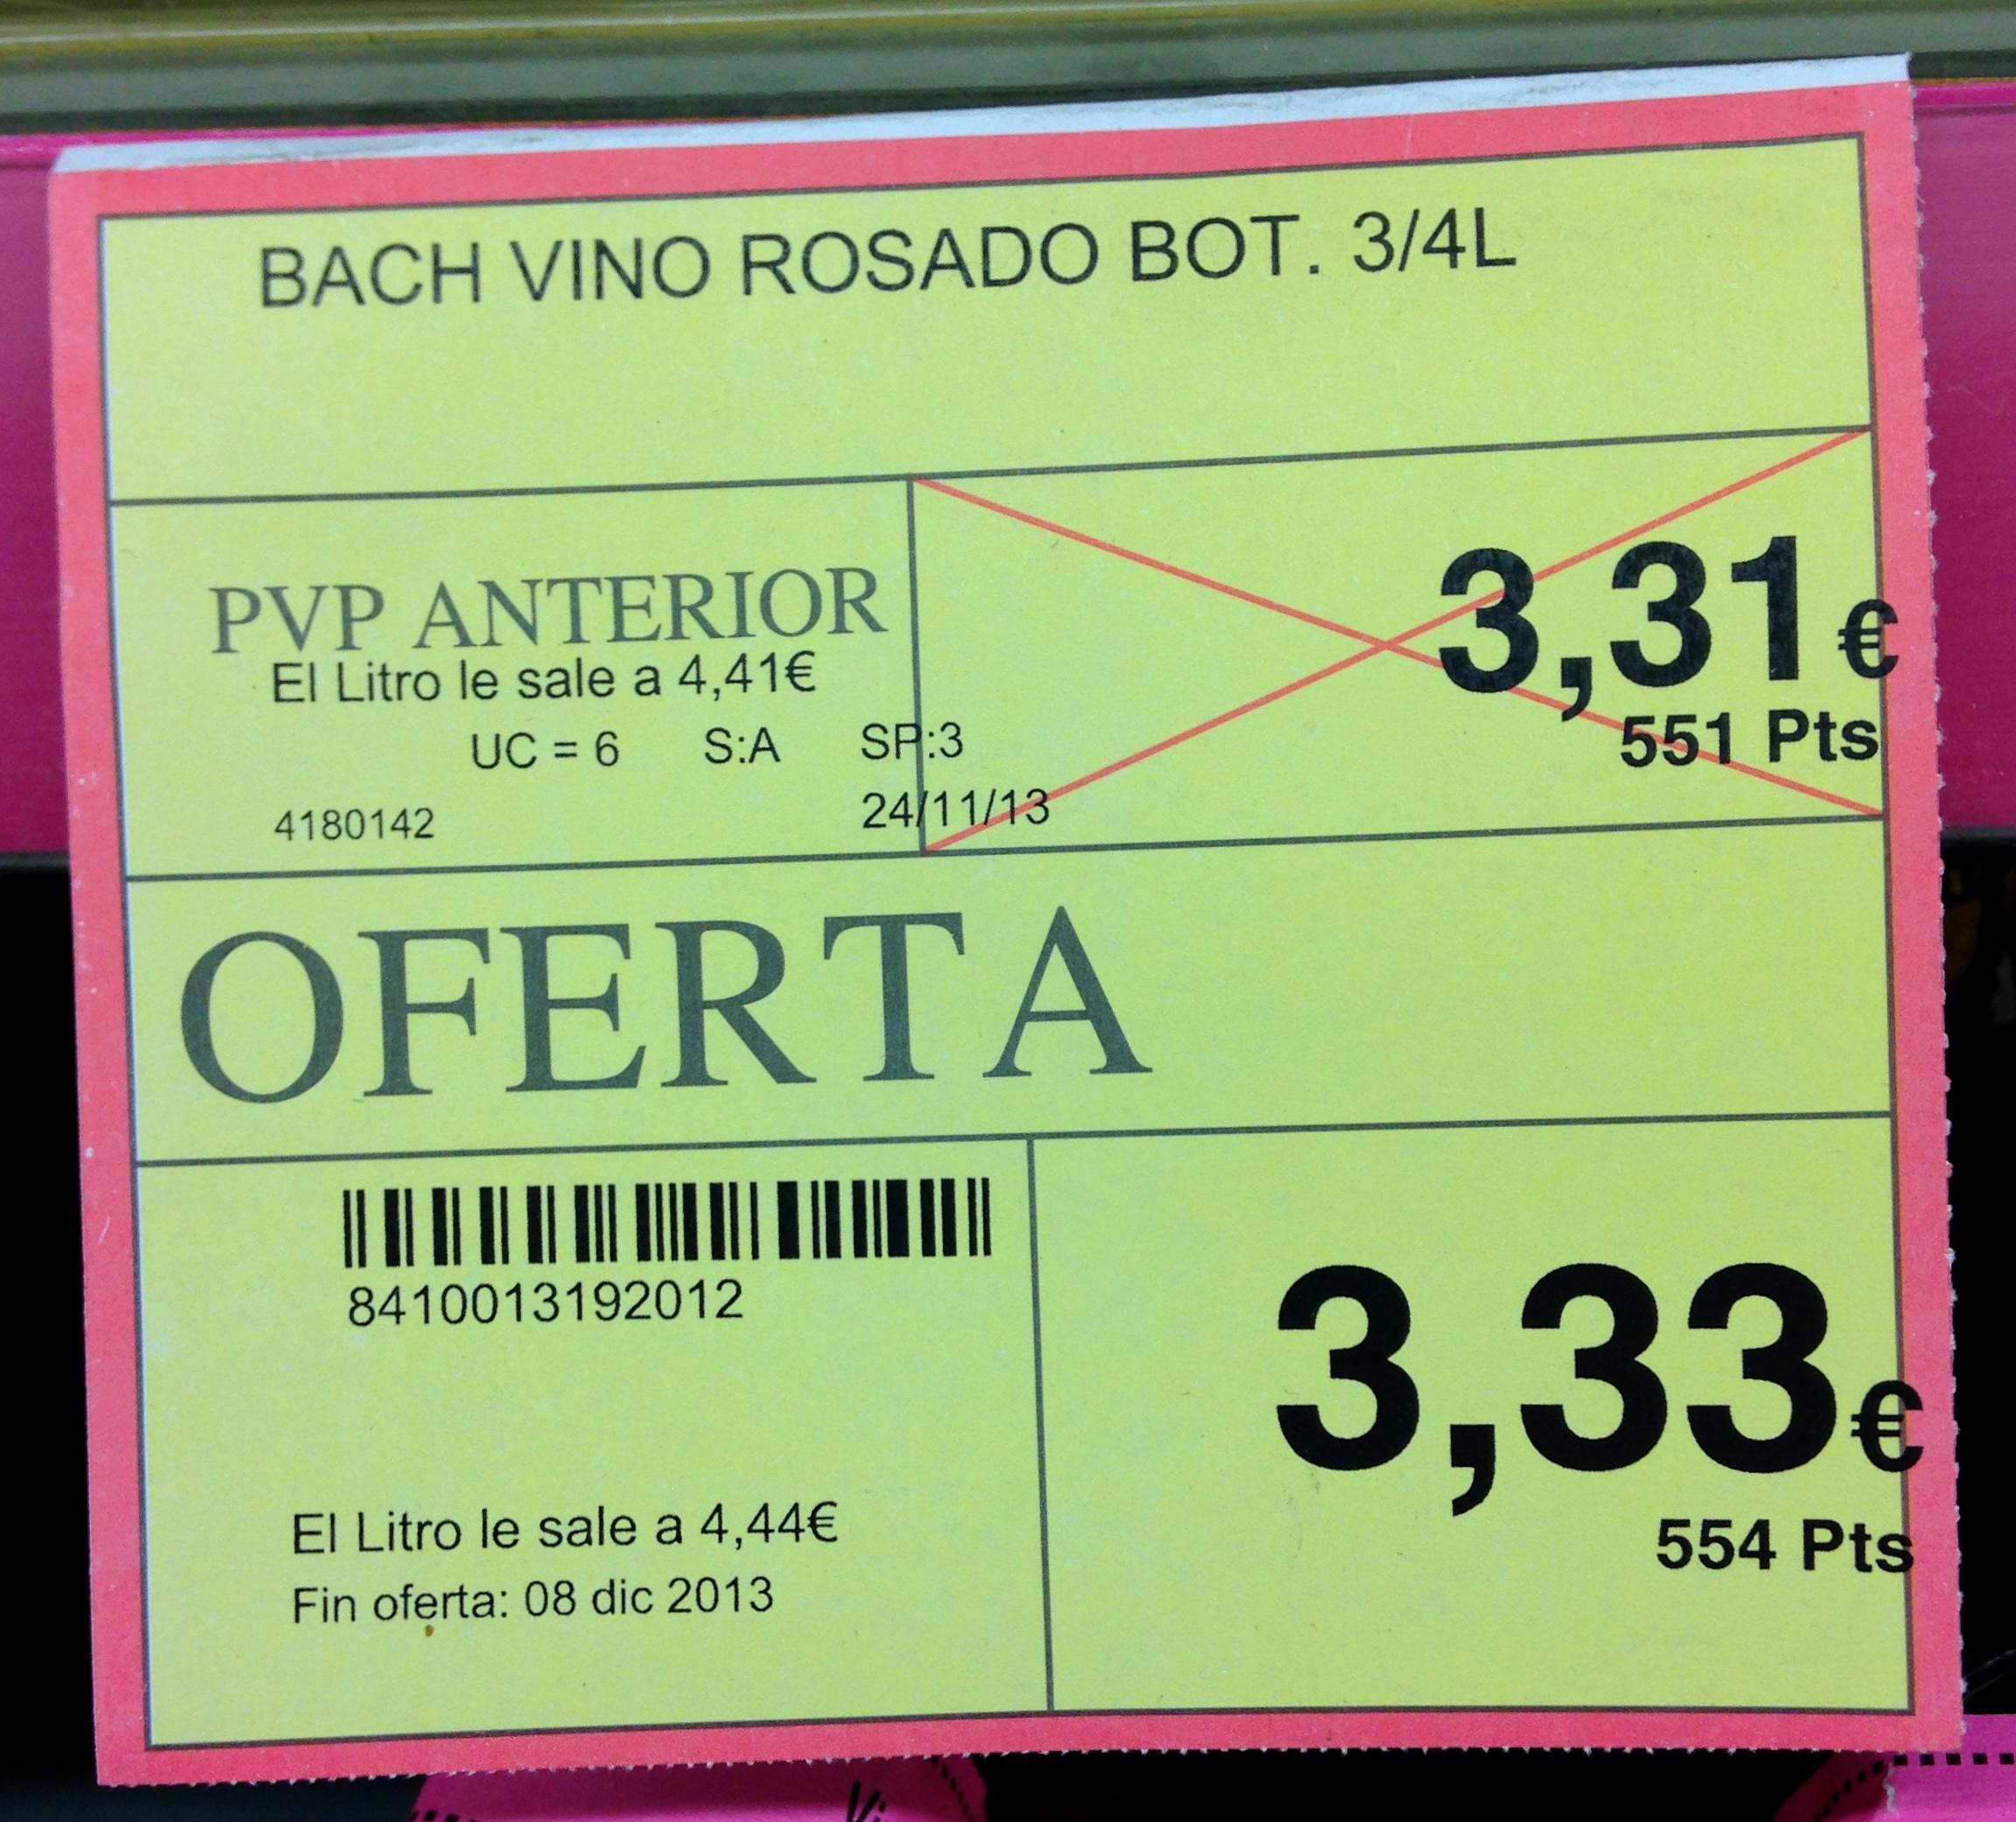 La notion de soldes assez floue en Espagne. Je ne suis pas douée avec les chiffres, mais là, quand même…